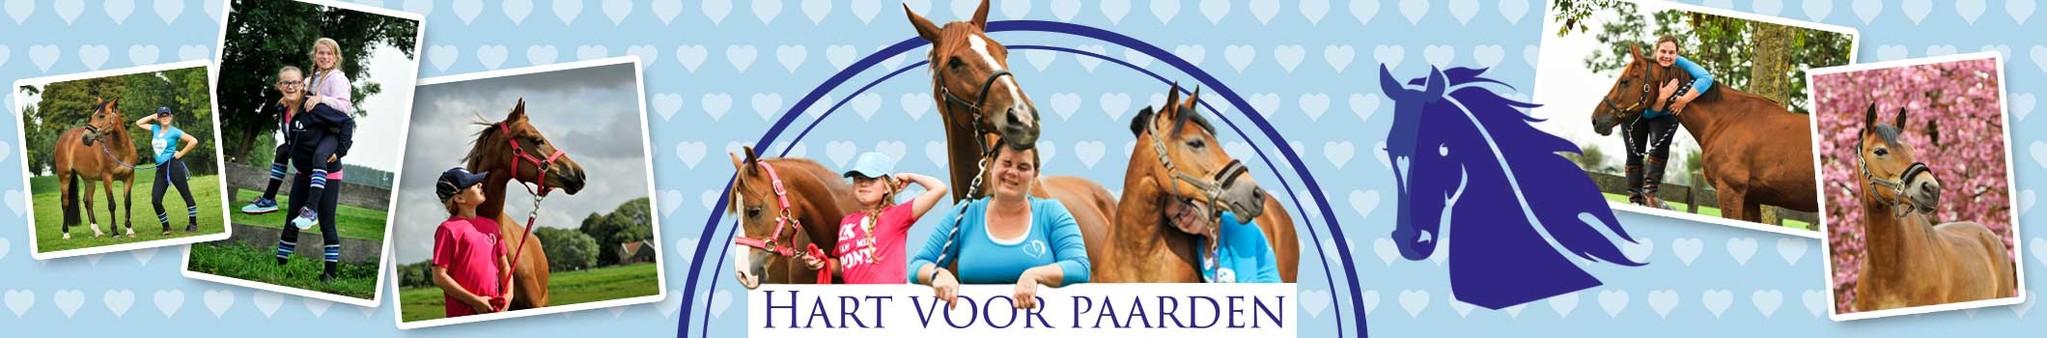 hart voor paarden